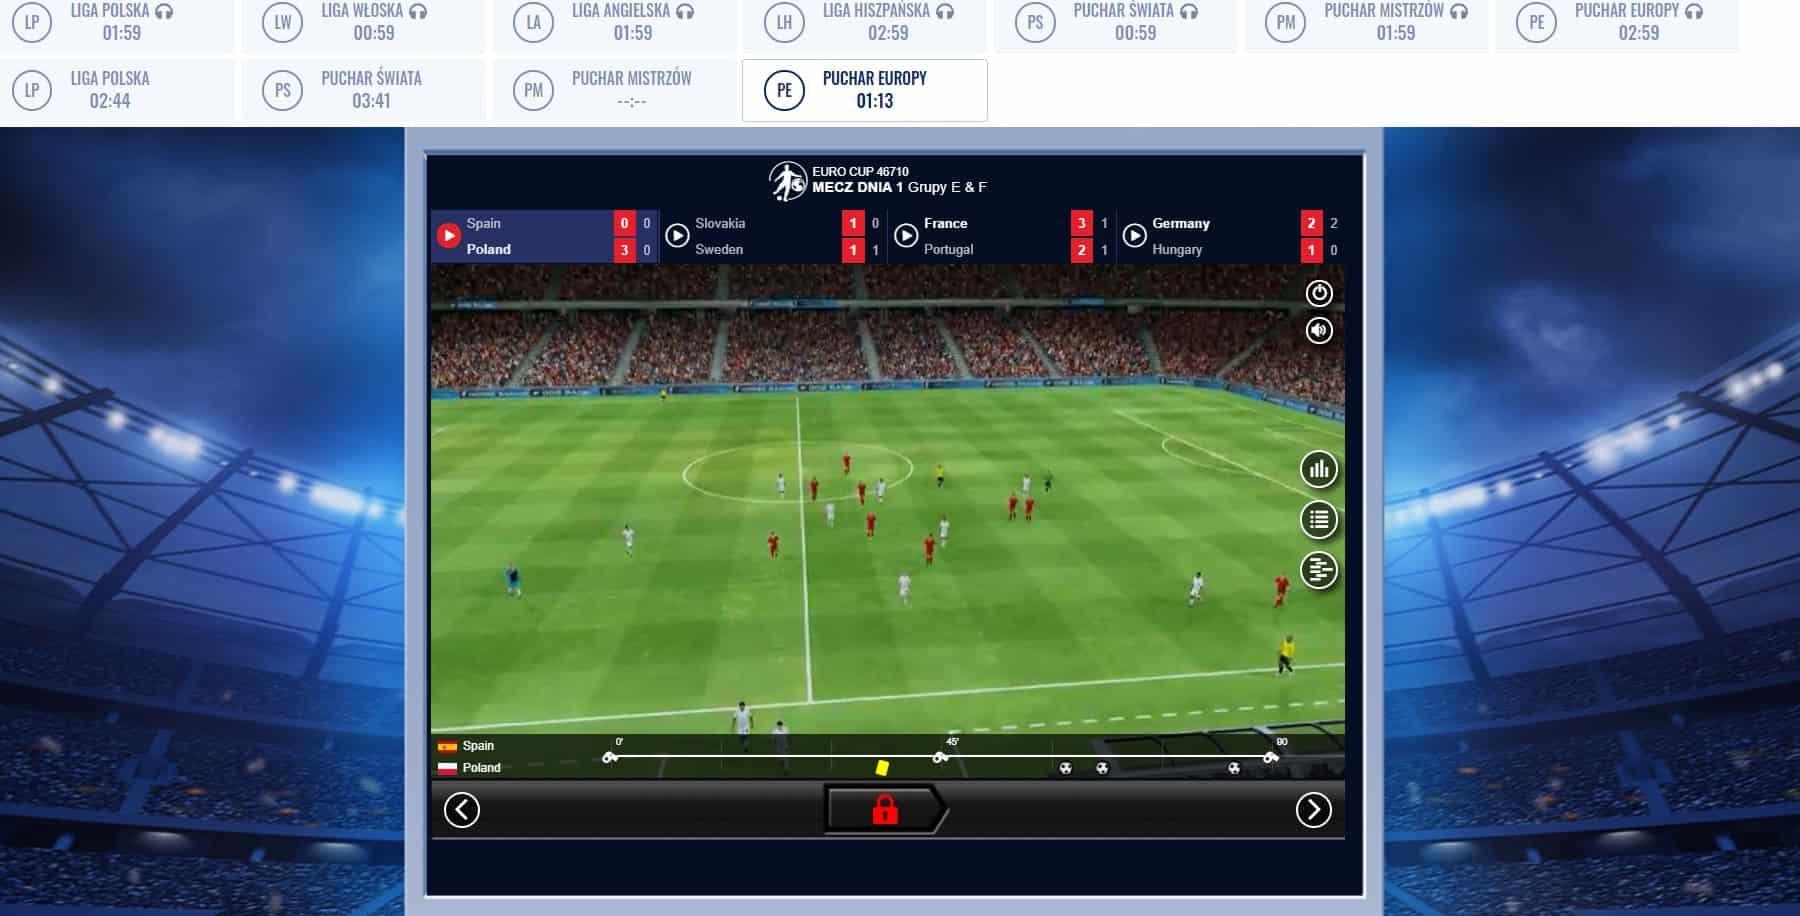 W Etoto wirtualne sporty z komentarzem Mateusza Borka!